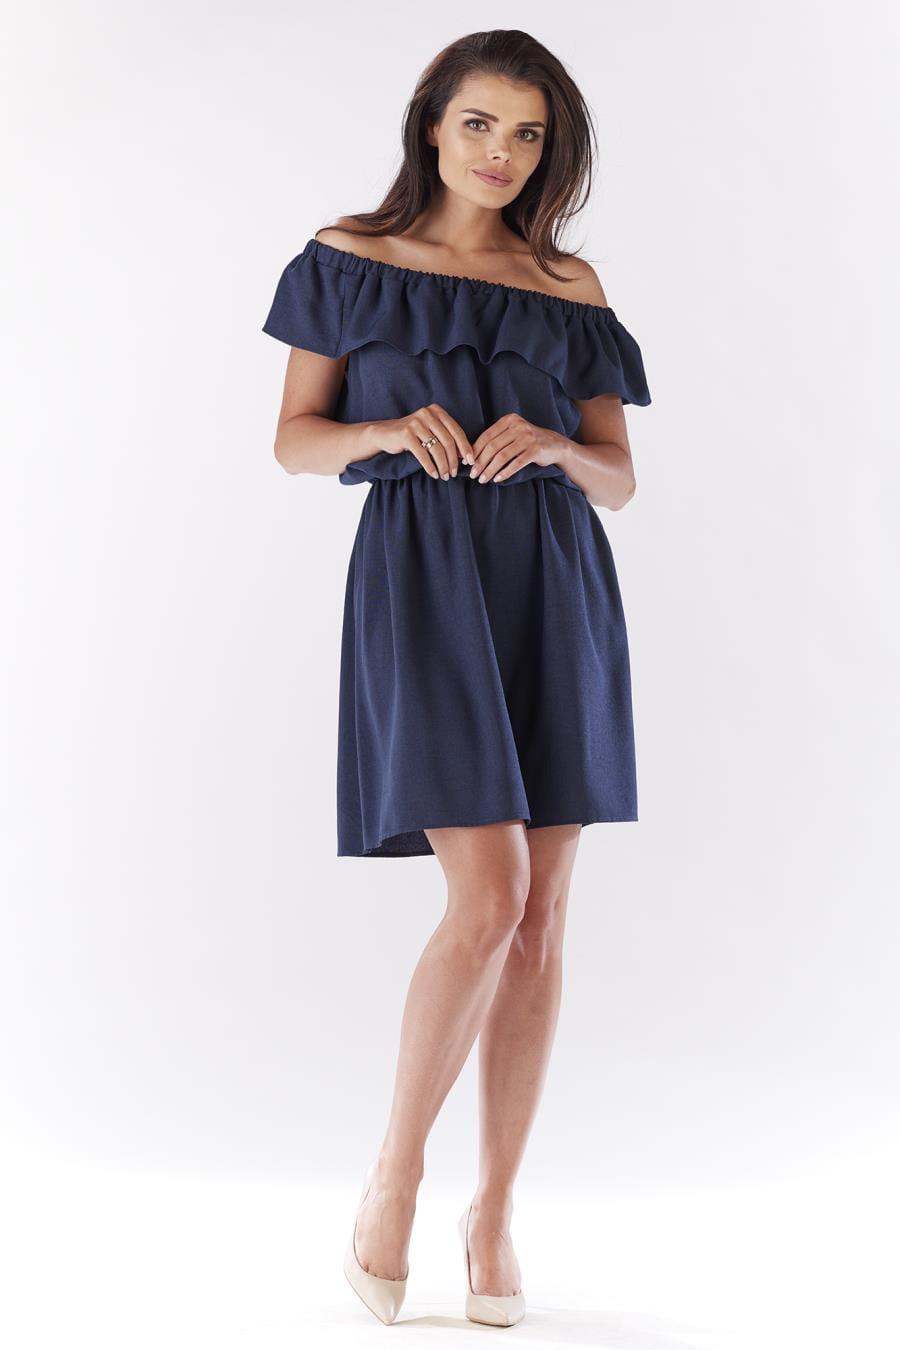 11b0ce61c7 Sukienka Hiszpanka Granatowym AW185 BESIMA.pl